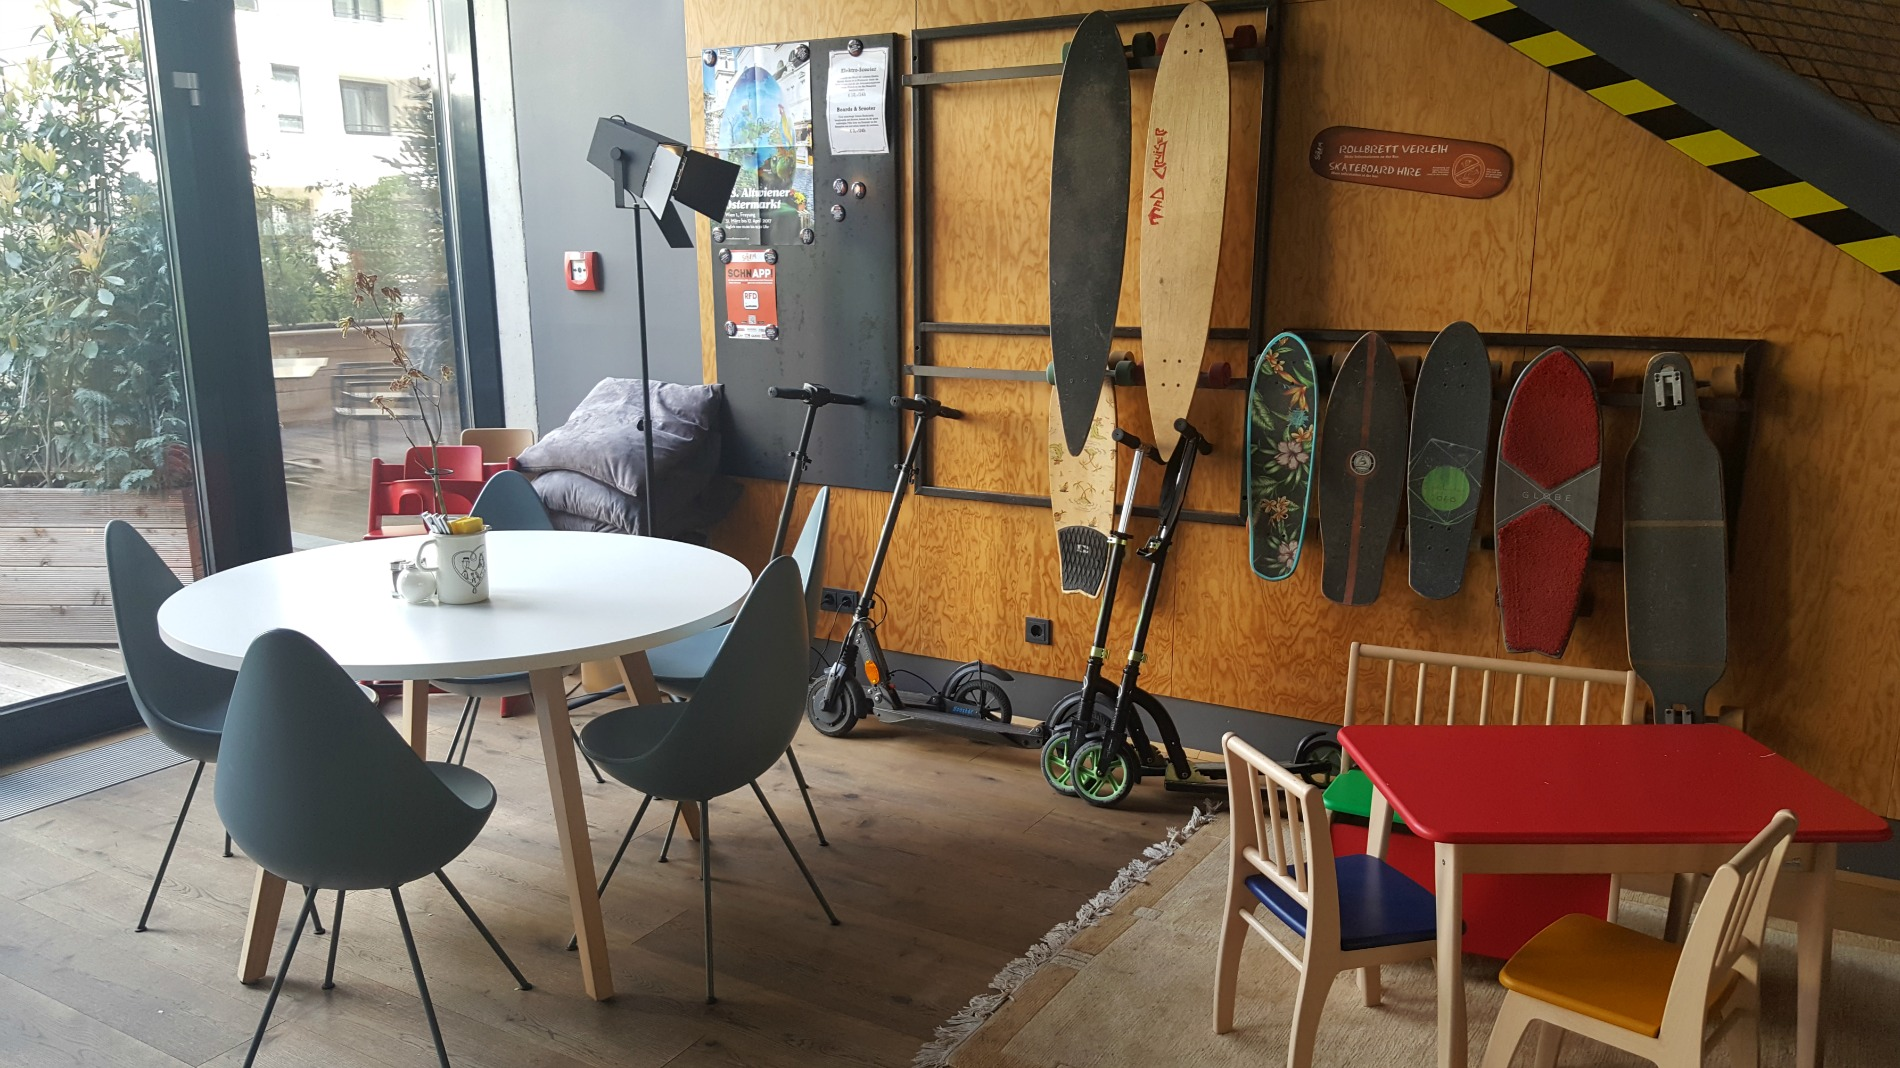 hotel-schani-wien-lobby-skateboard-hire